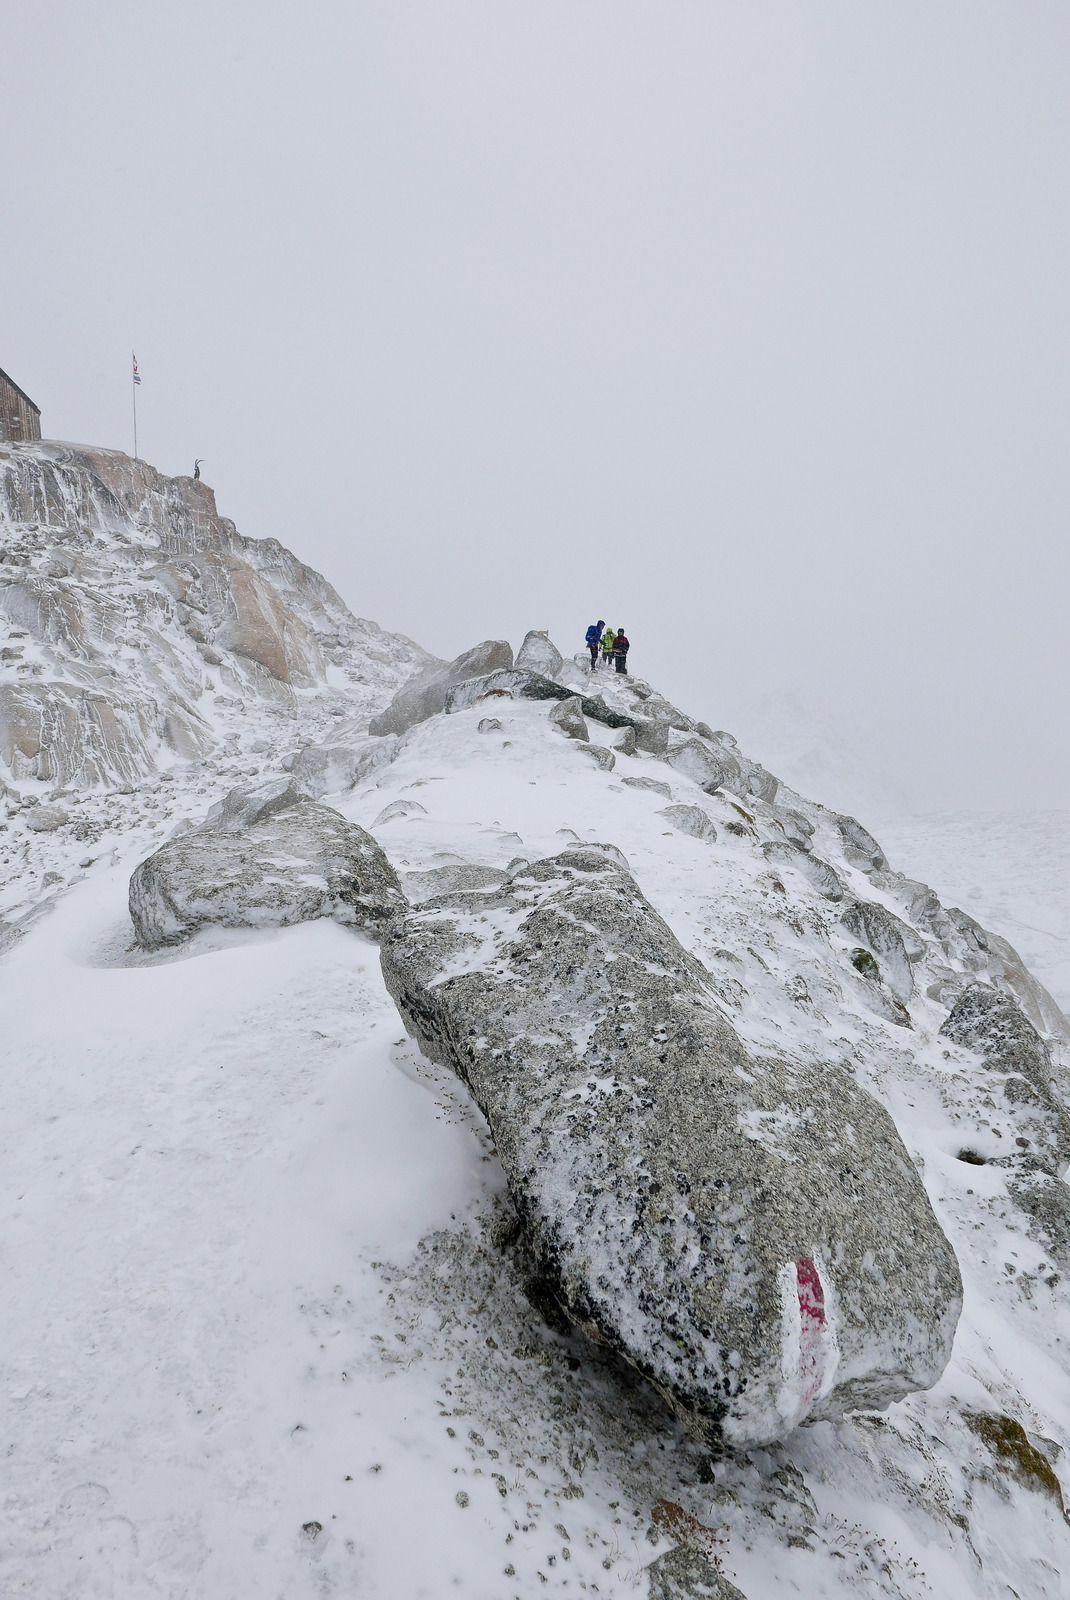 Dans la nuit une tempête de vent c'est levé est perdure le matin avec des chutes de neige conséquentes. Au vue des conditions et de la visibilité, nous prenons les décisions de redescendre avec un petit crochet par le glacier.